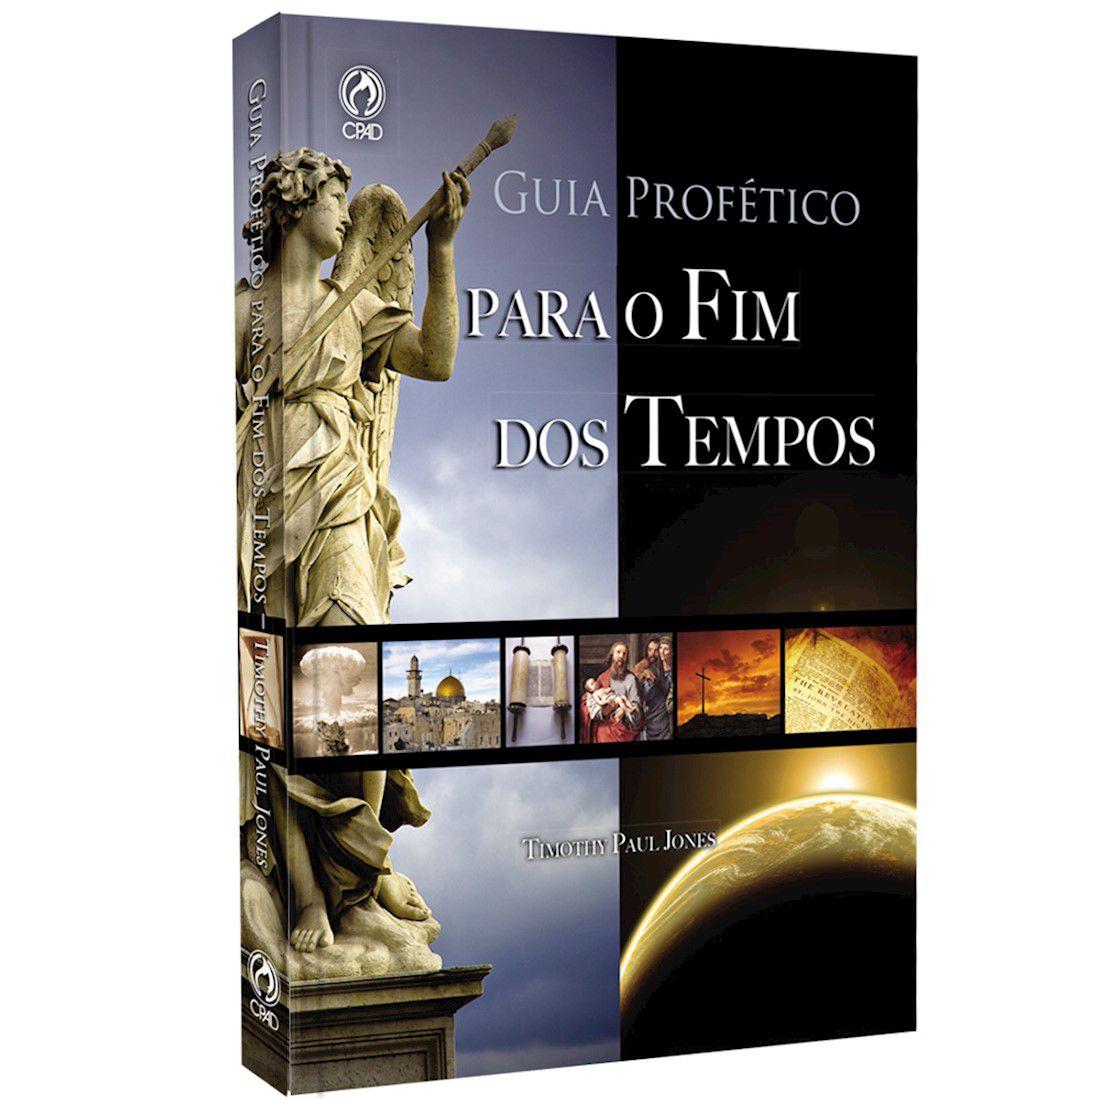 Livro Guia Profético Para o Fim dos Tempos